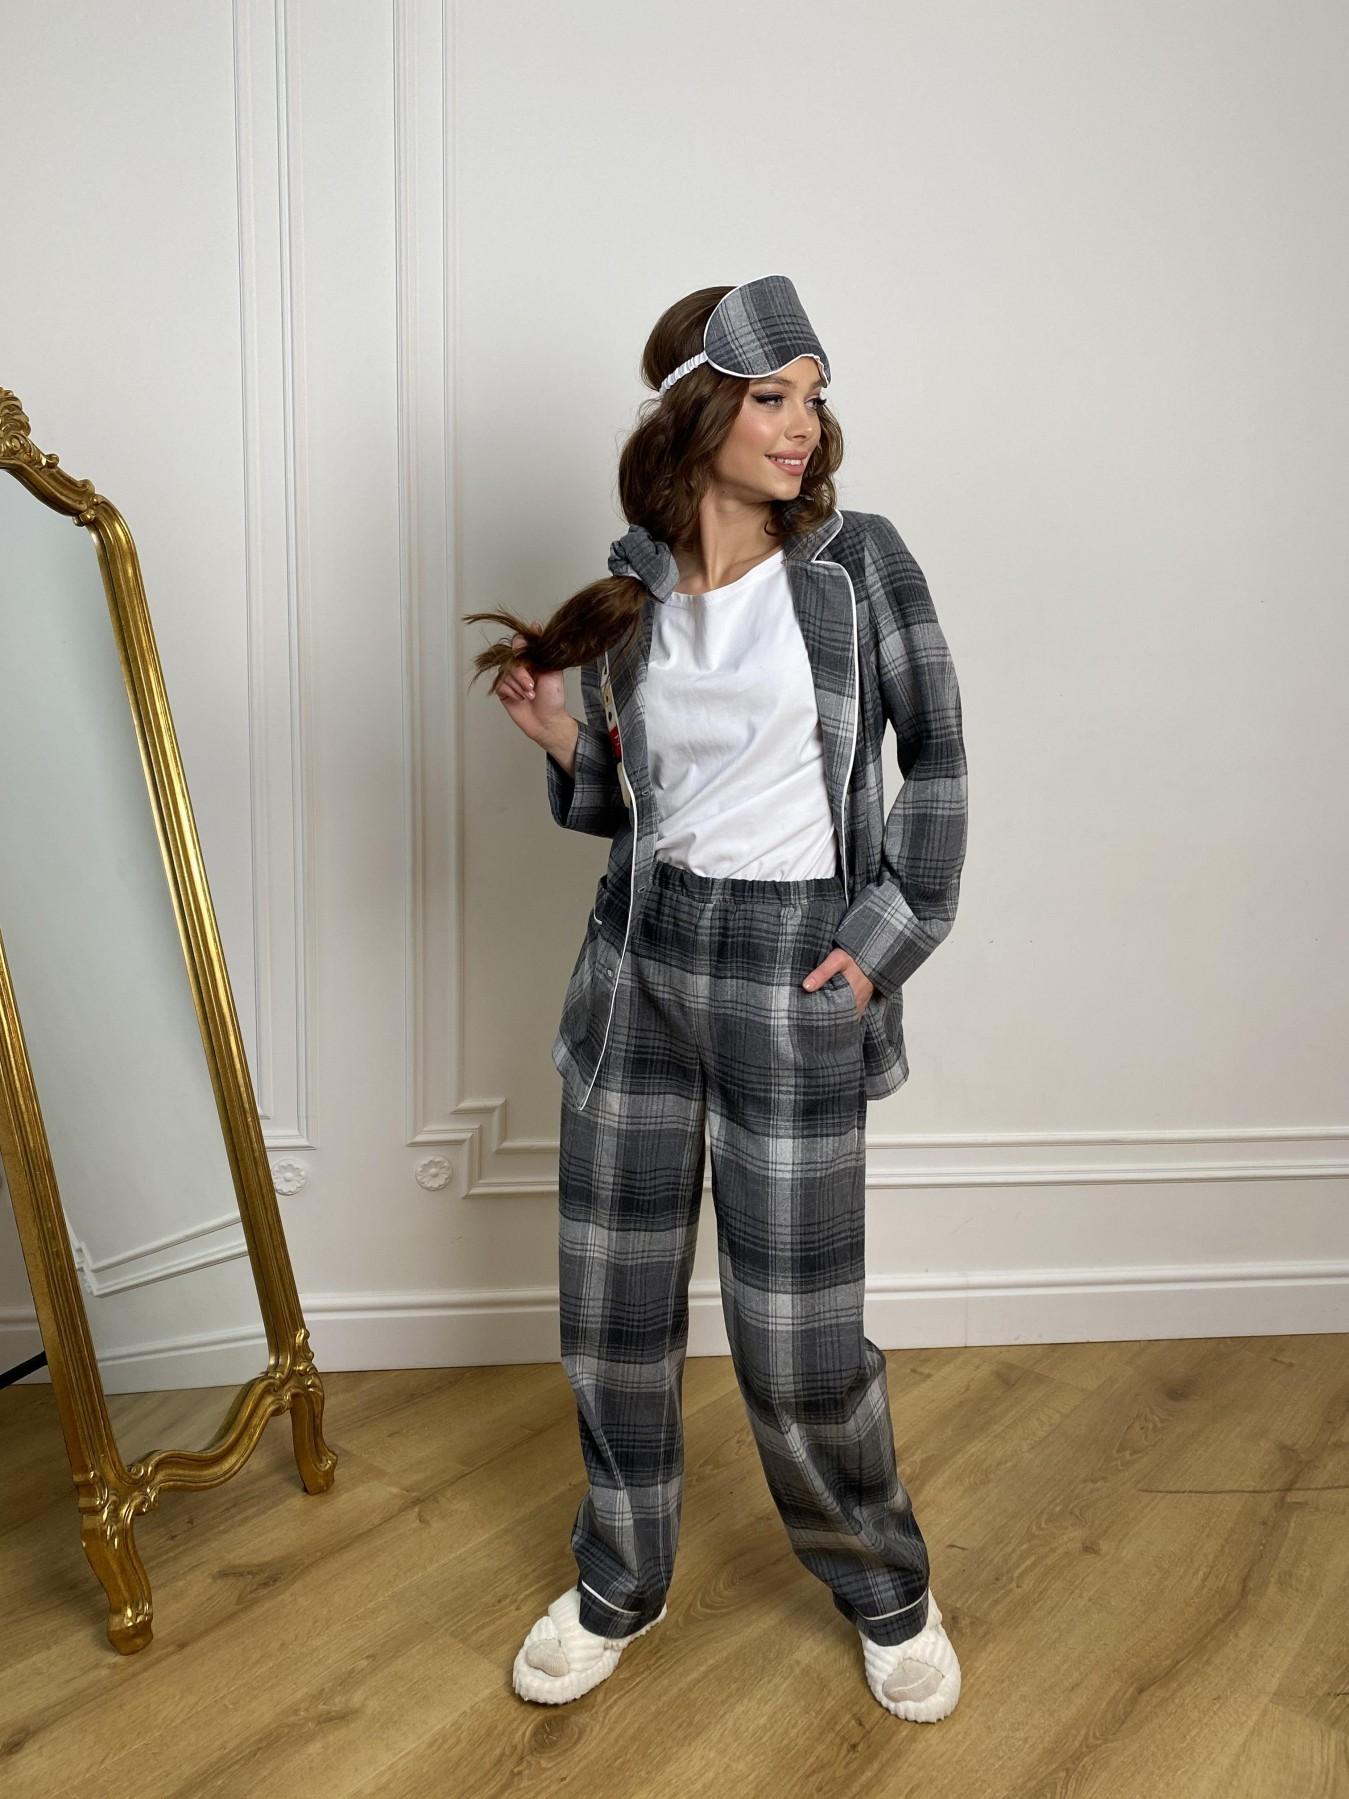 Тедди пижама в клетку из коттона(жакет,футболка,брюки,маска,резинка) 10384 АРТ. 46910 Цвет: Т.серый/серый - фото 6, интернет магазин tm-modus.ru